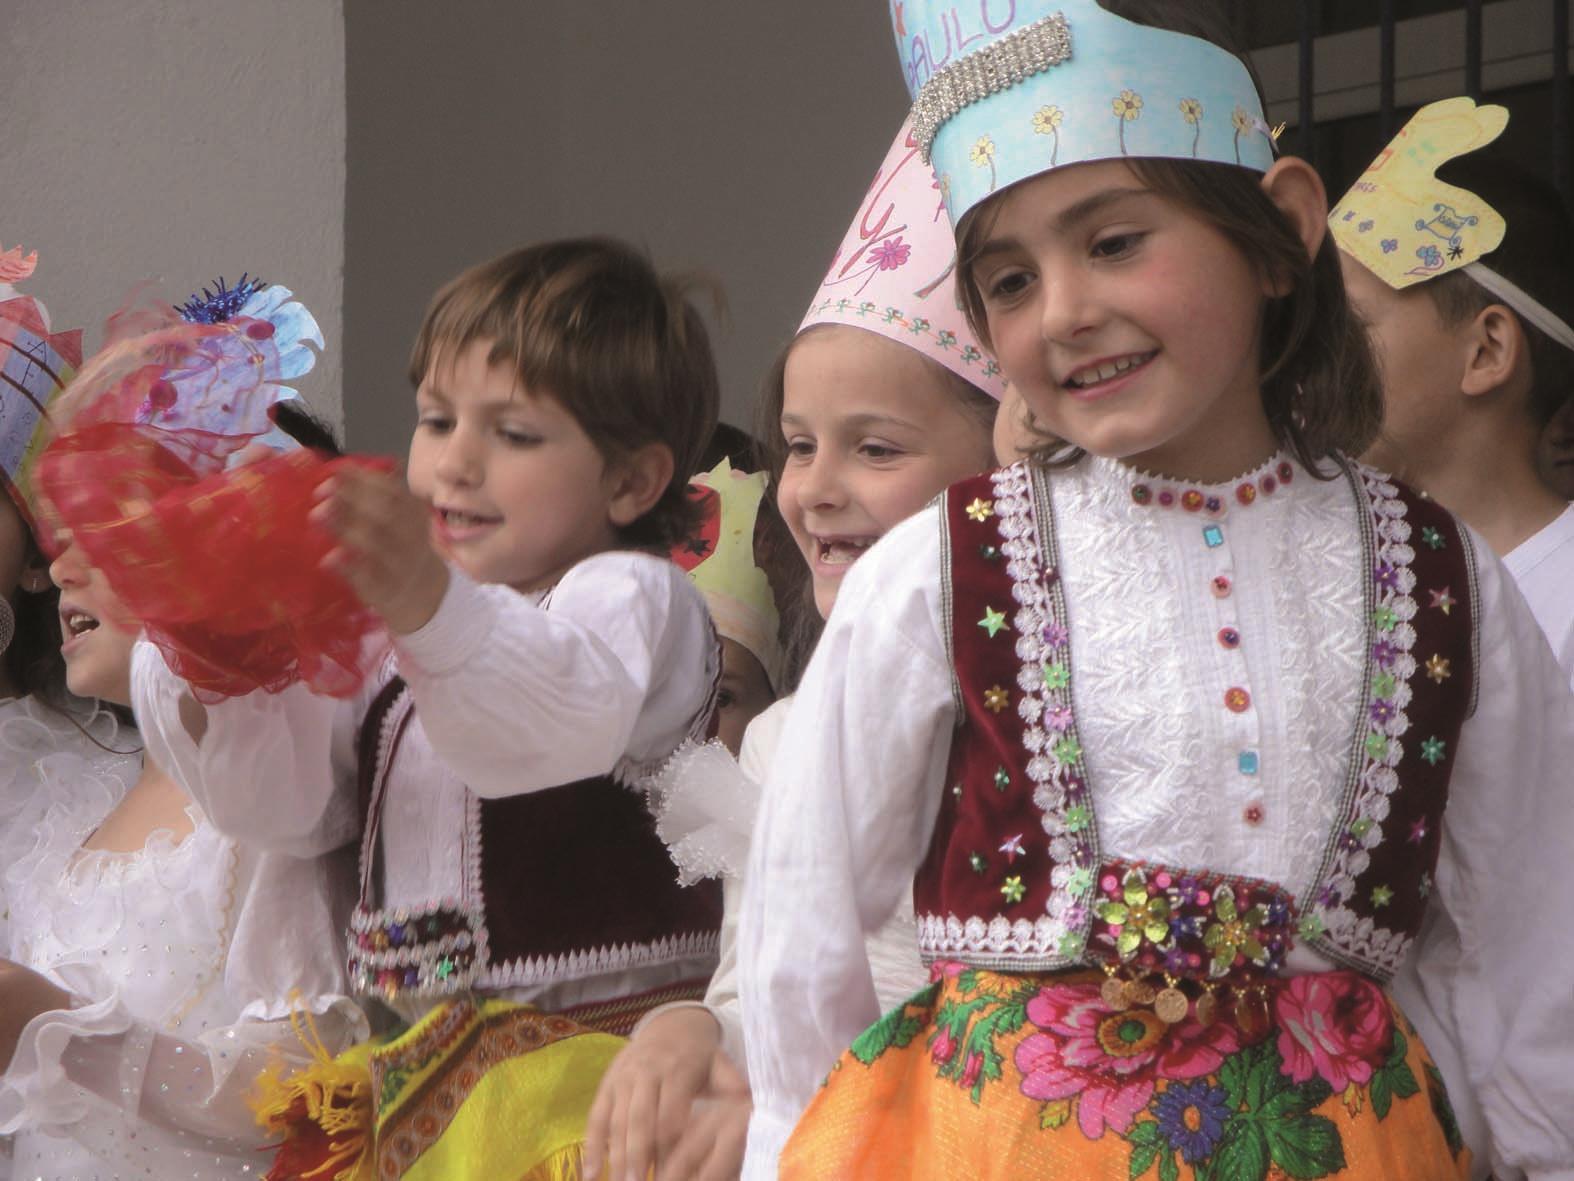 Albanien-Benefizveranstaltung am 28. März im Alten Kino Rankweil.